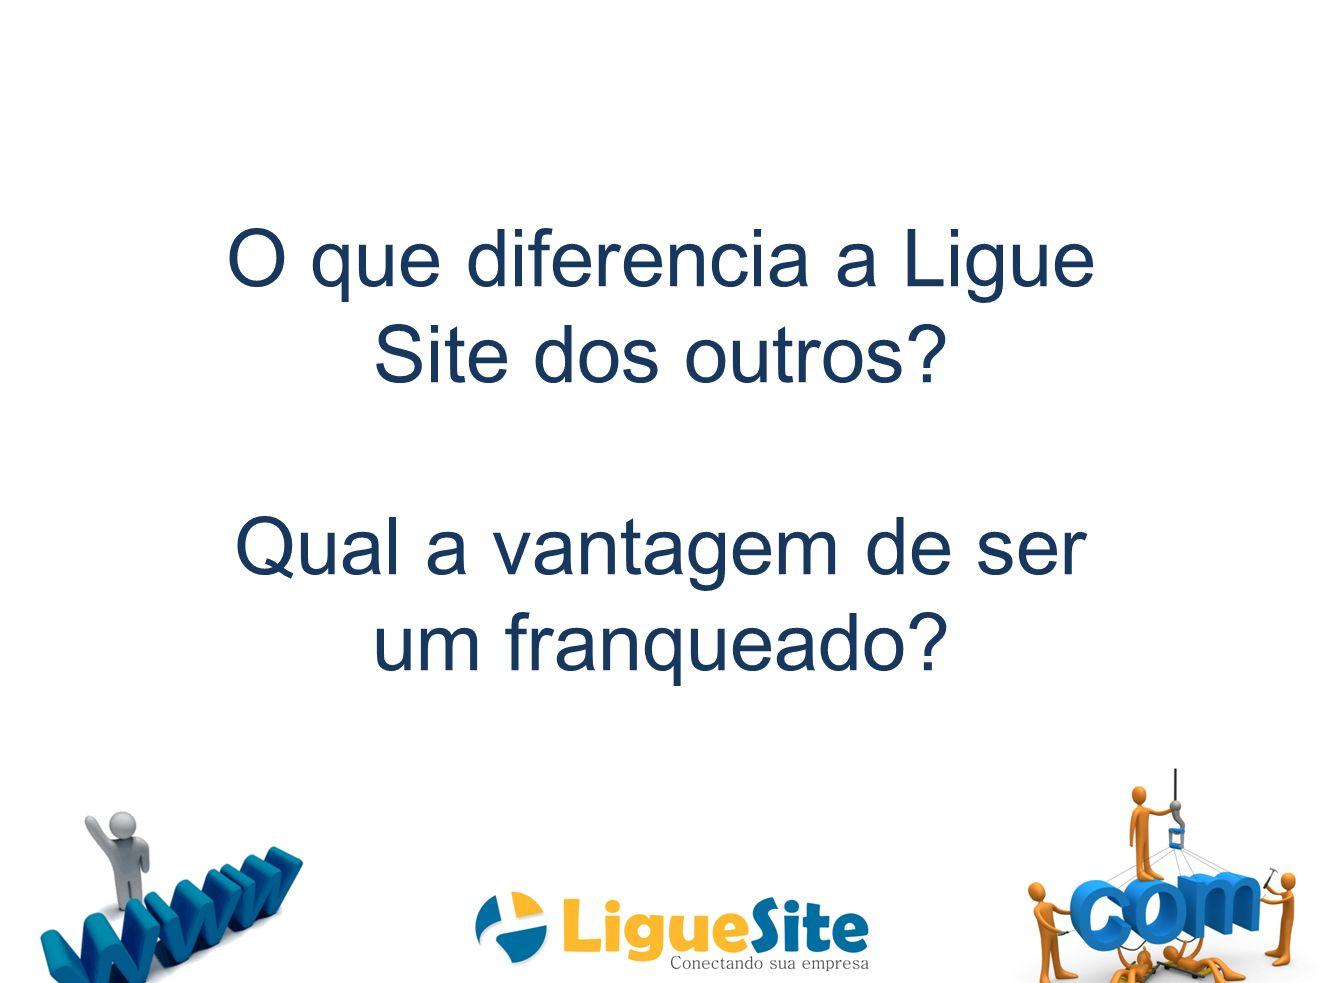 O que diferencia a Ligue Site dos outros? Qual a vantagem de ser um franqueado?